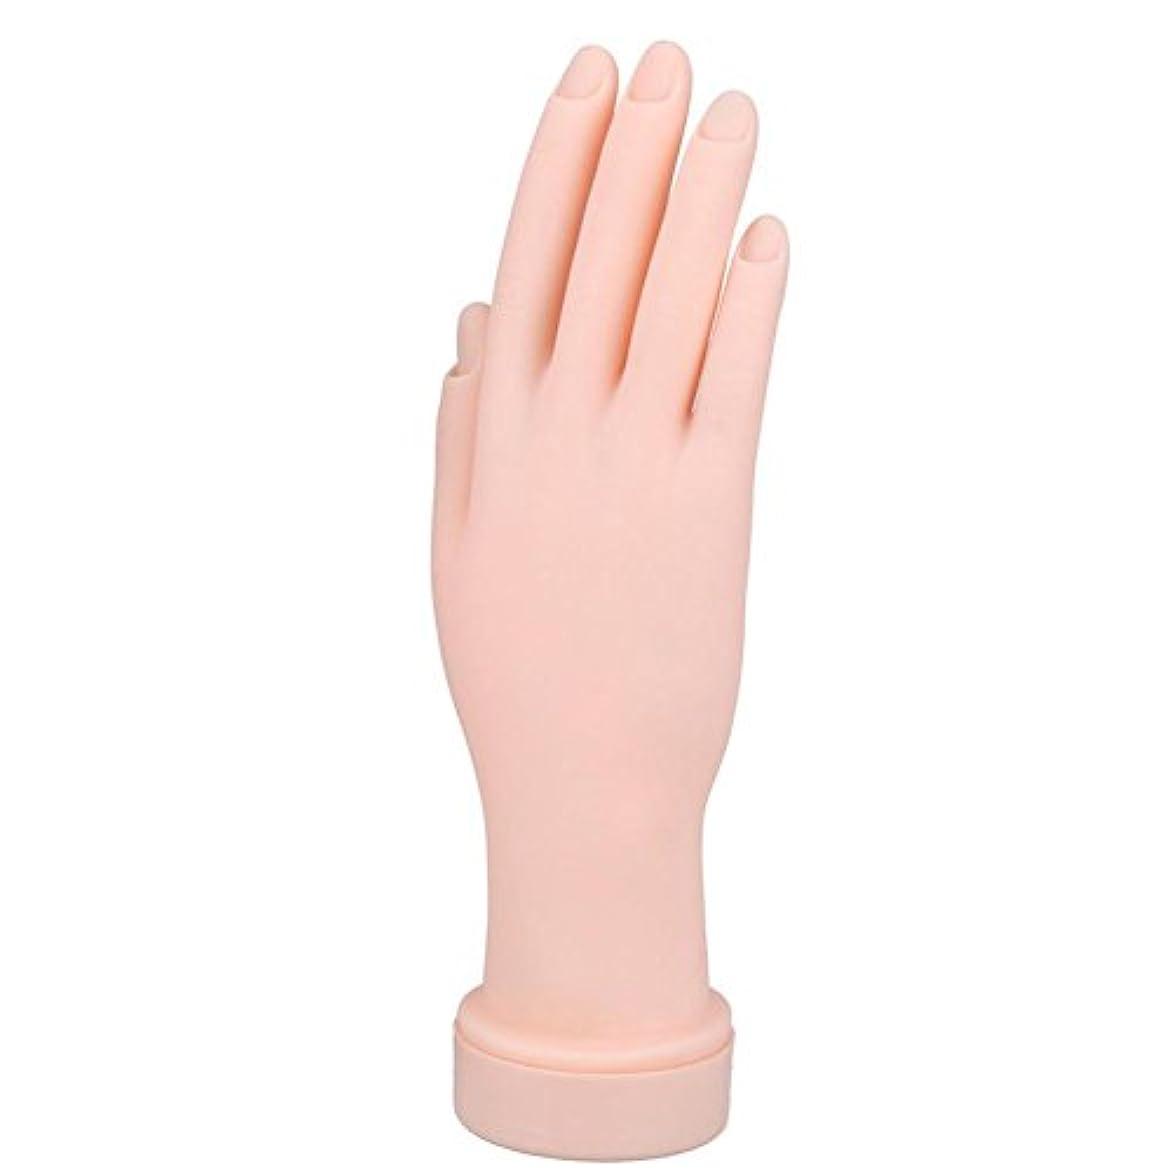 Sunsoar ネイルアート 練習用ハンド 指が曲げる